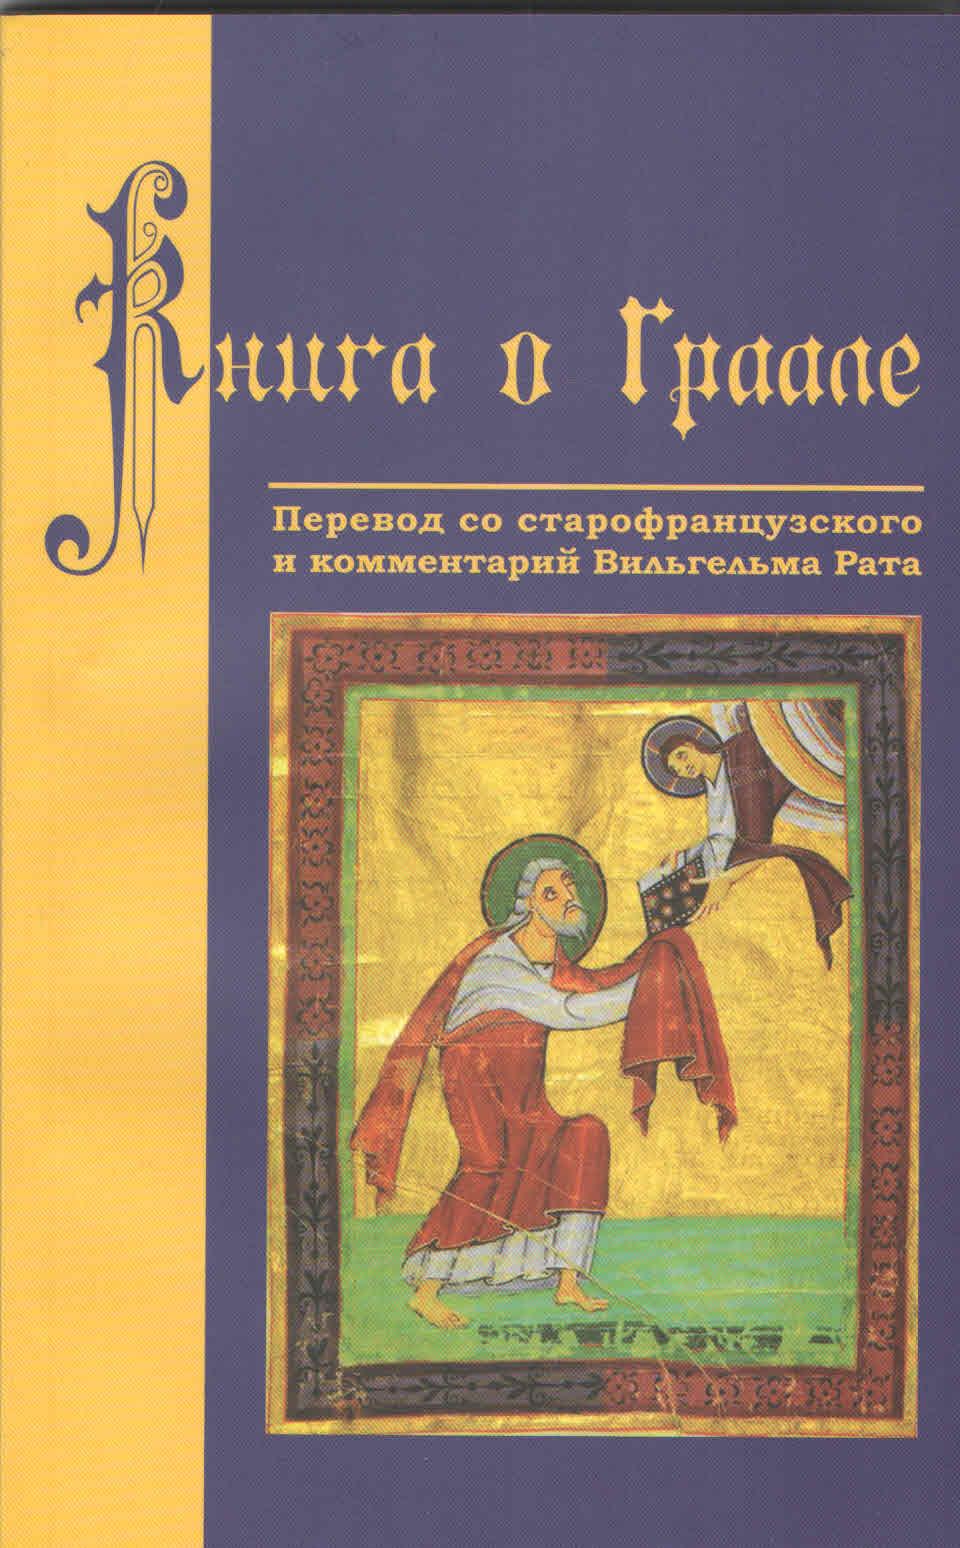 Книга о Граале. Посвящение VIII века.